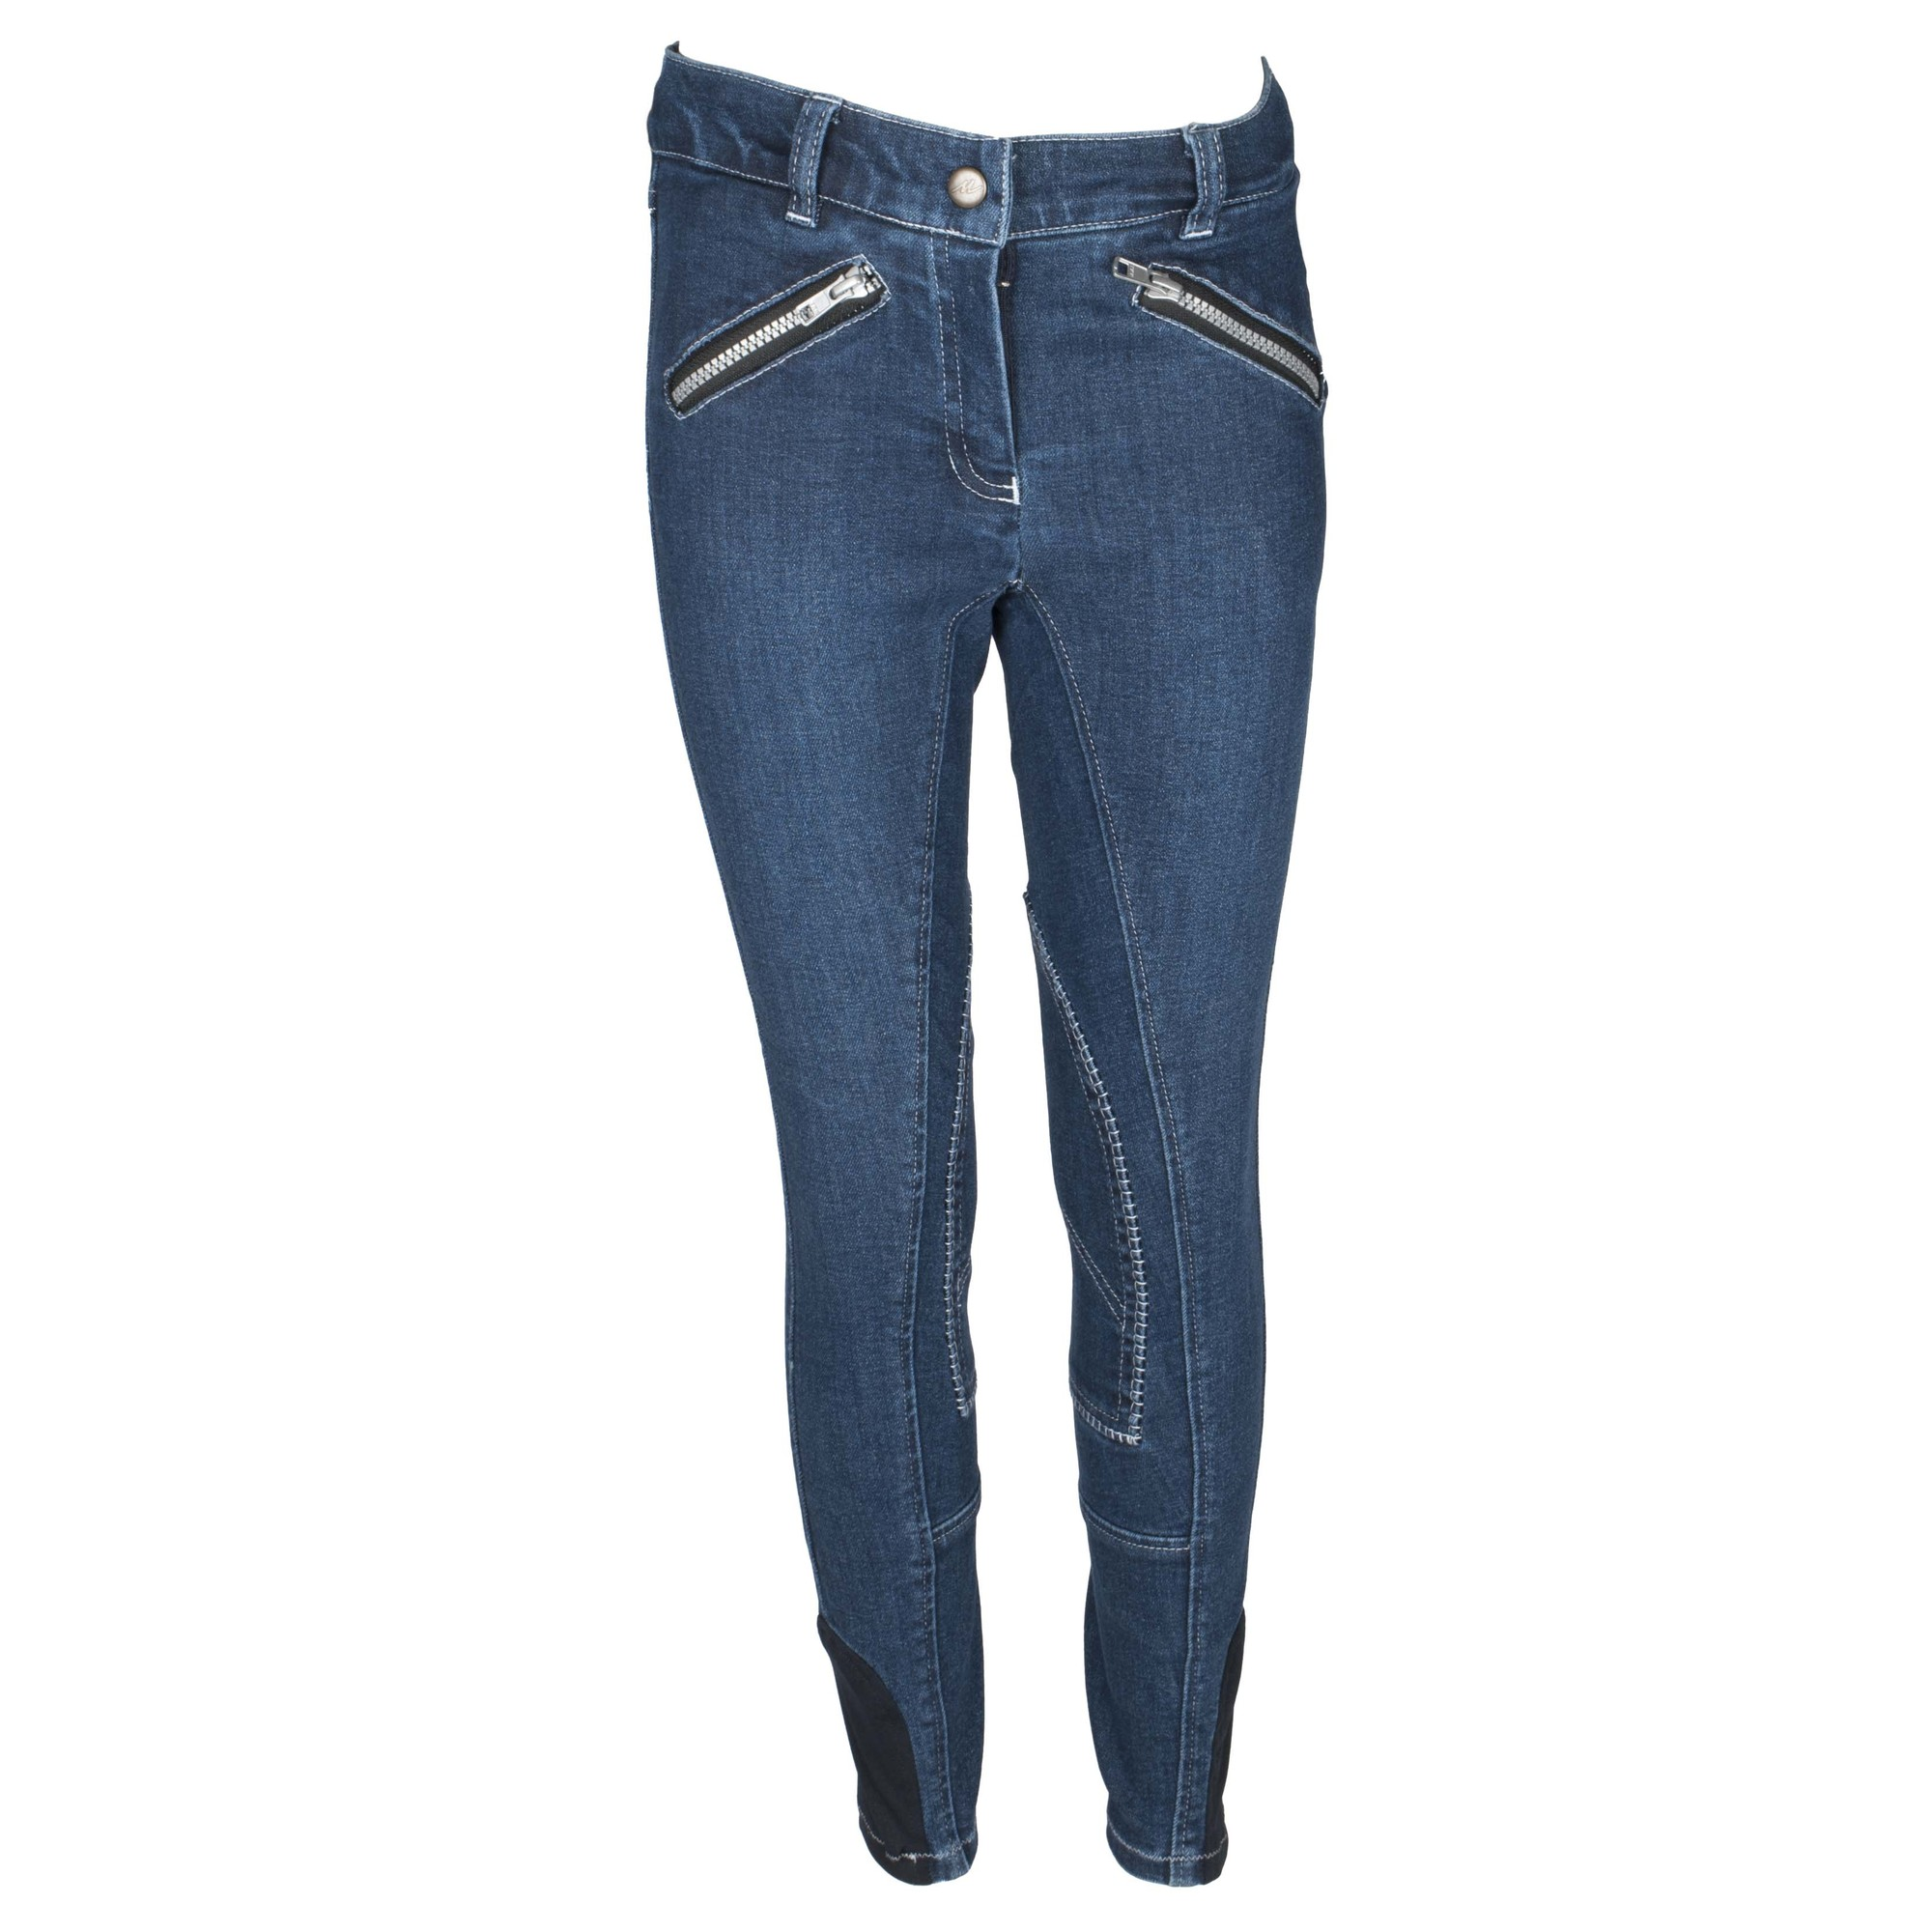 Mondoni Jeans kinder rijbroek